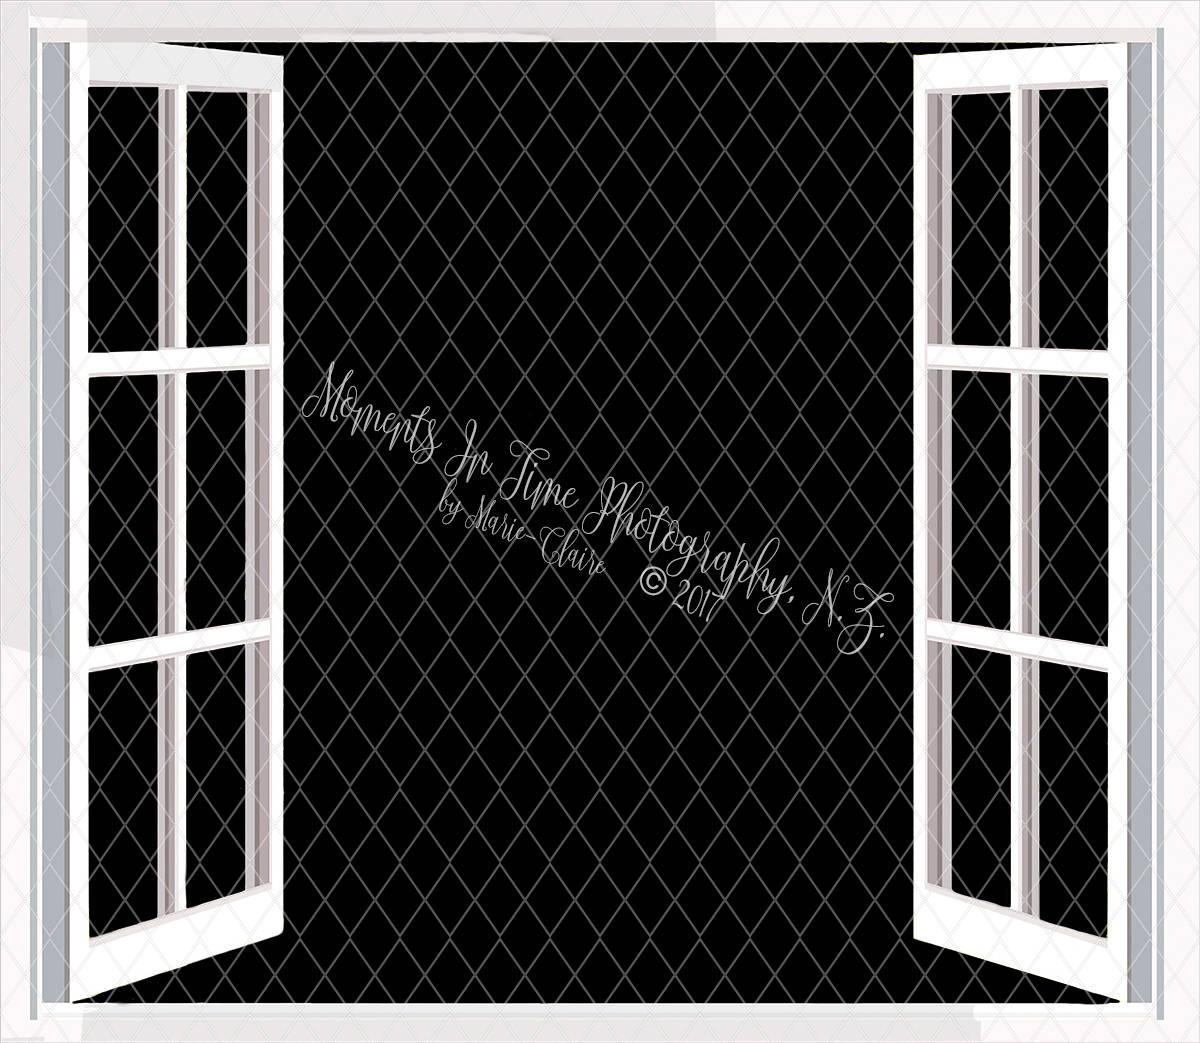 White Open Window Frame Digital Overlay.